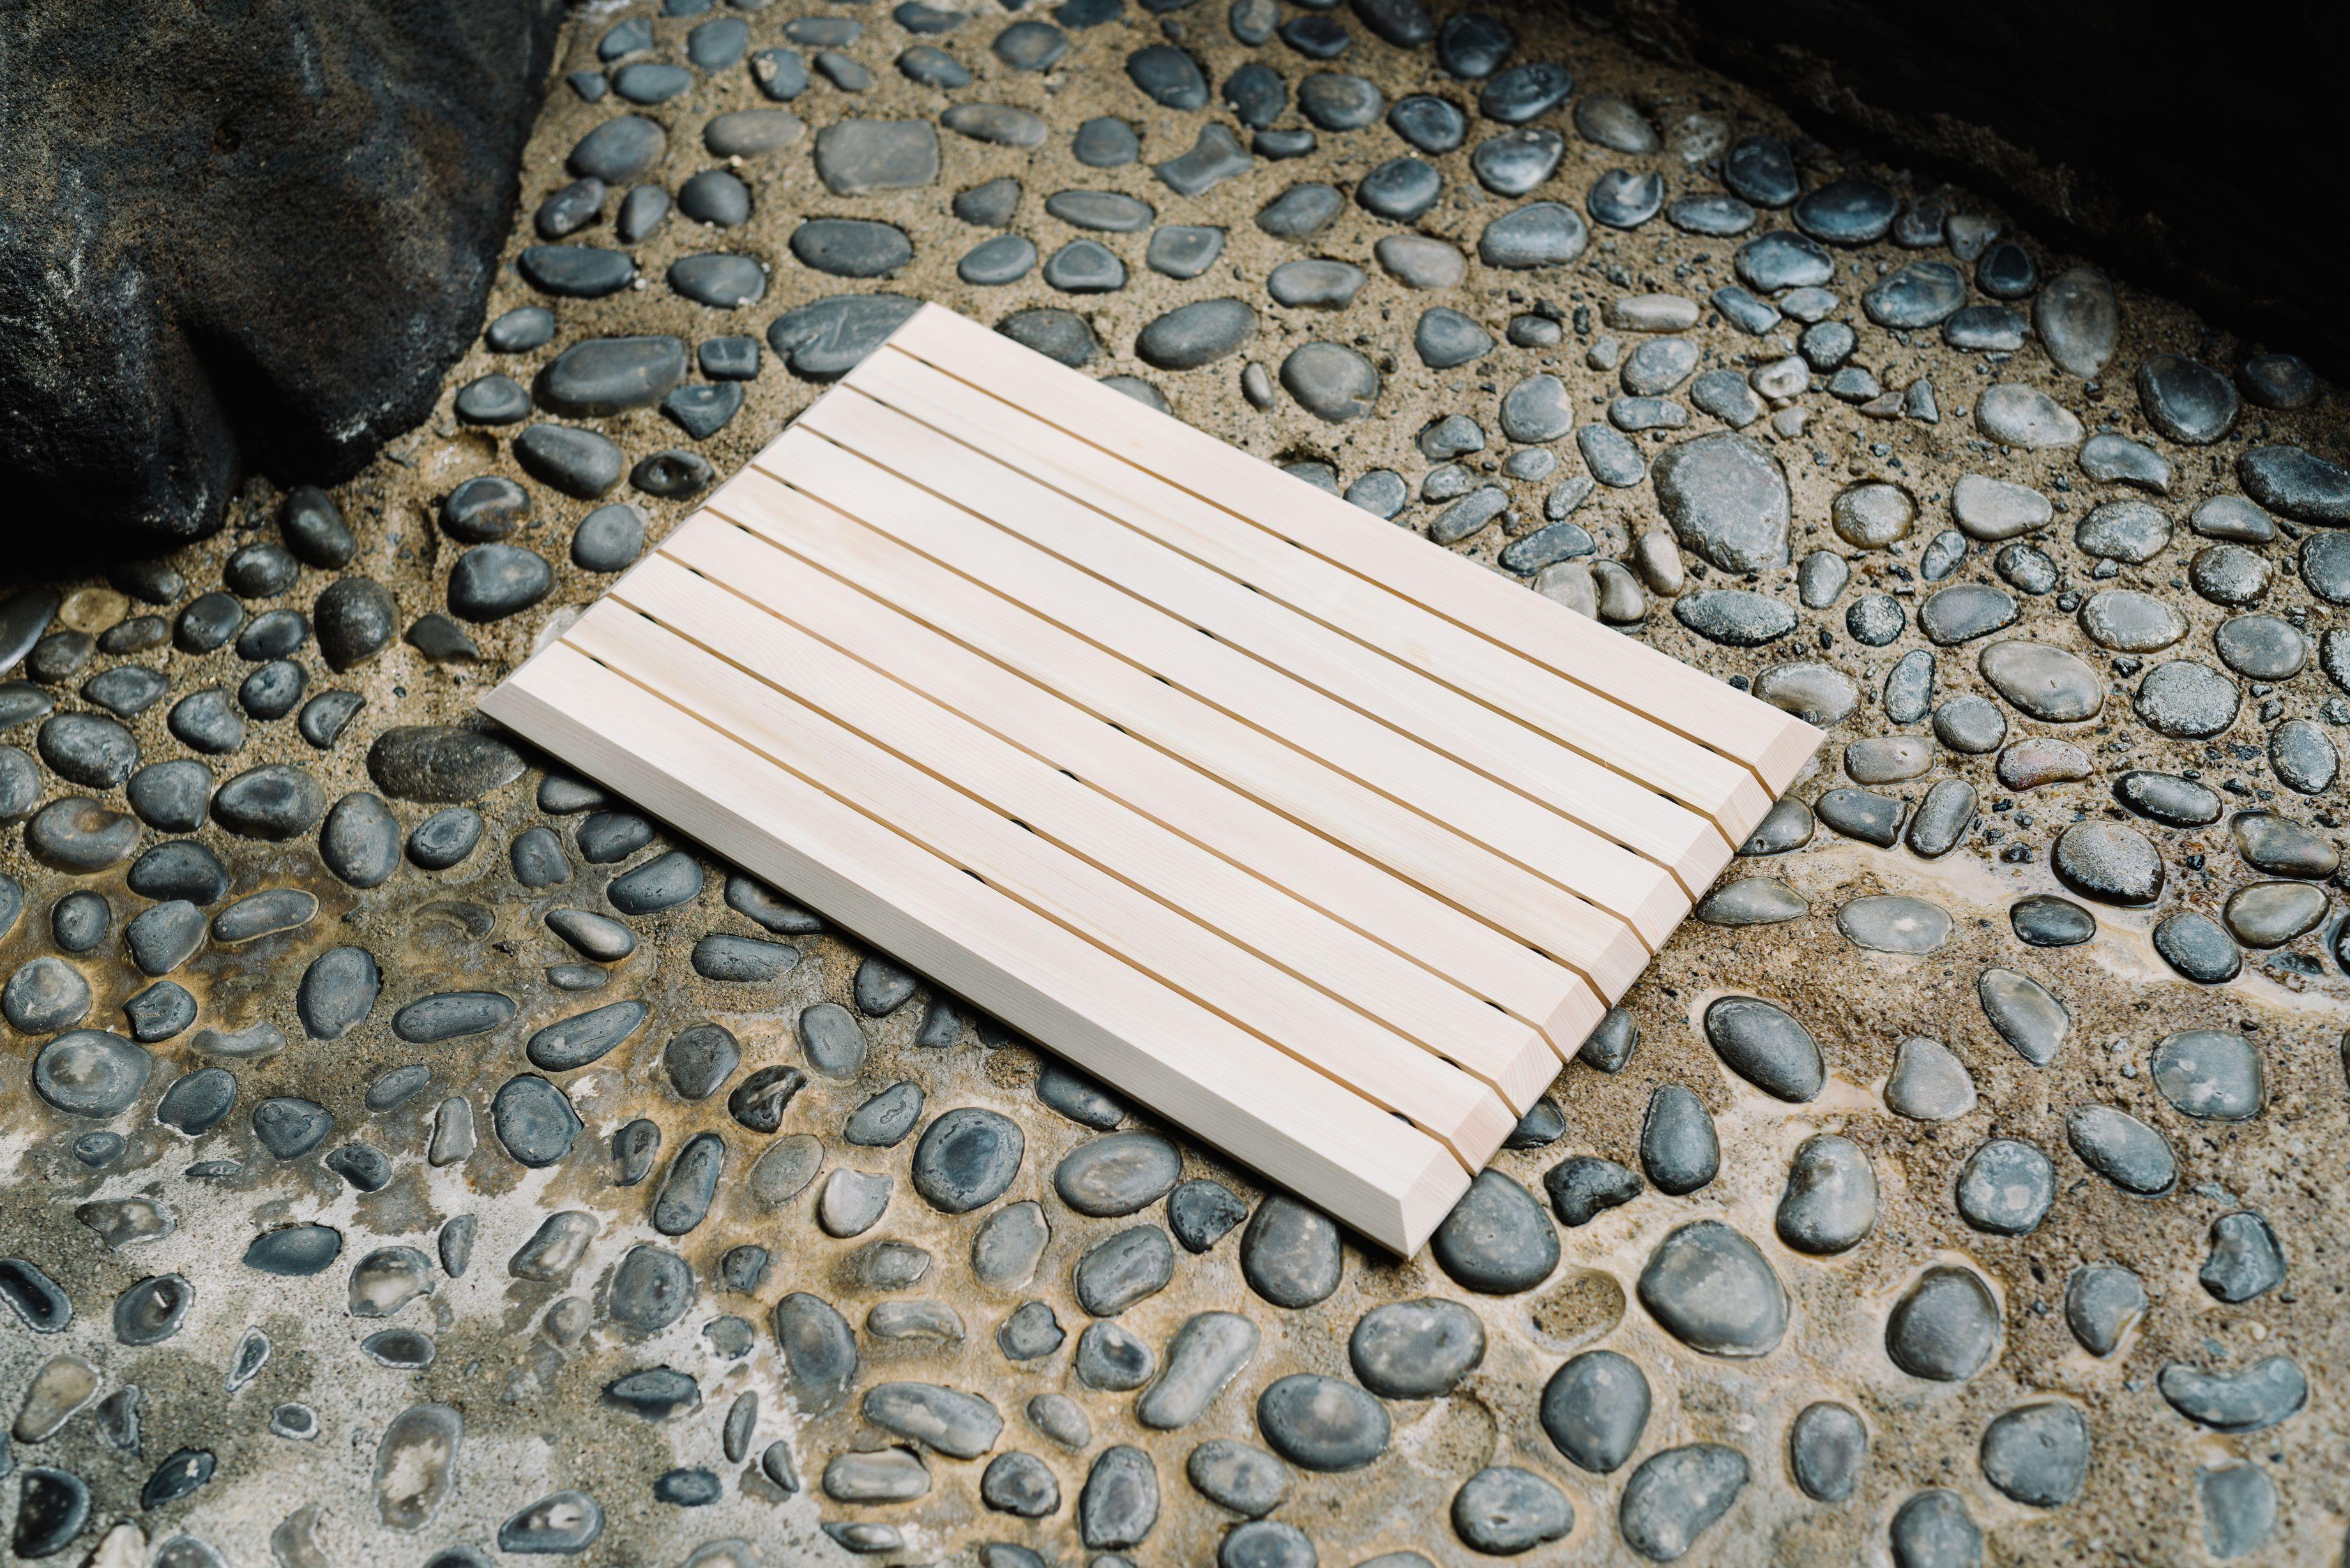 木曽の檜でつくったバスマット02